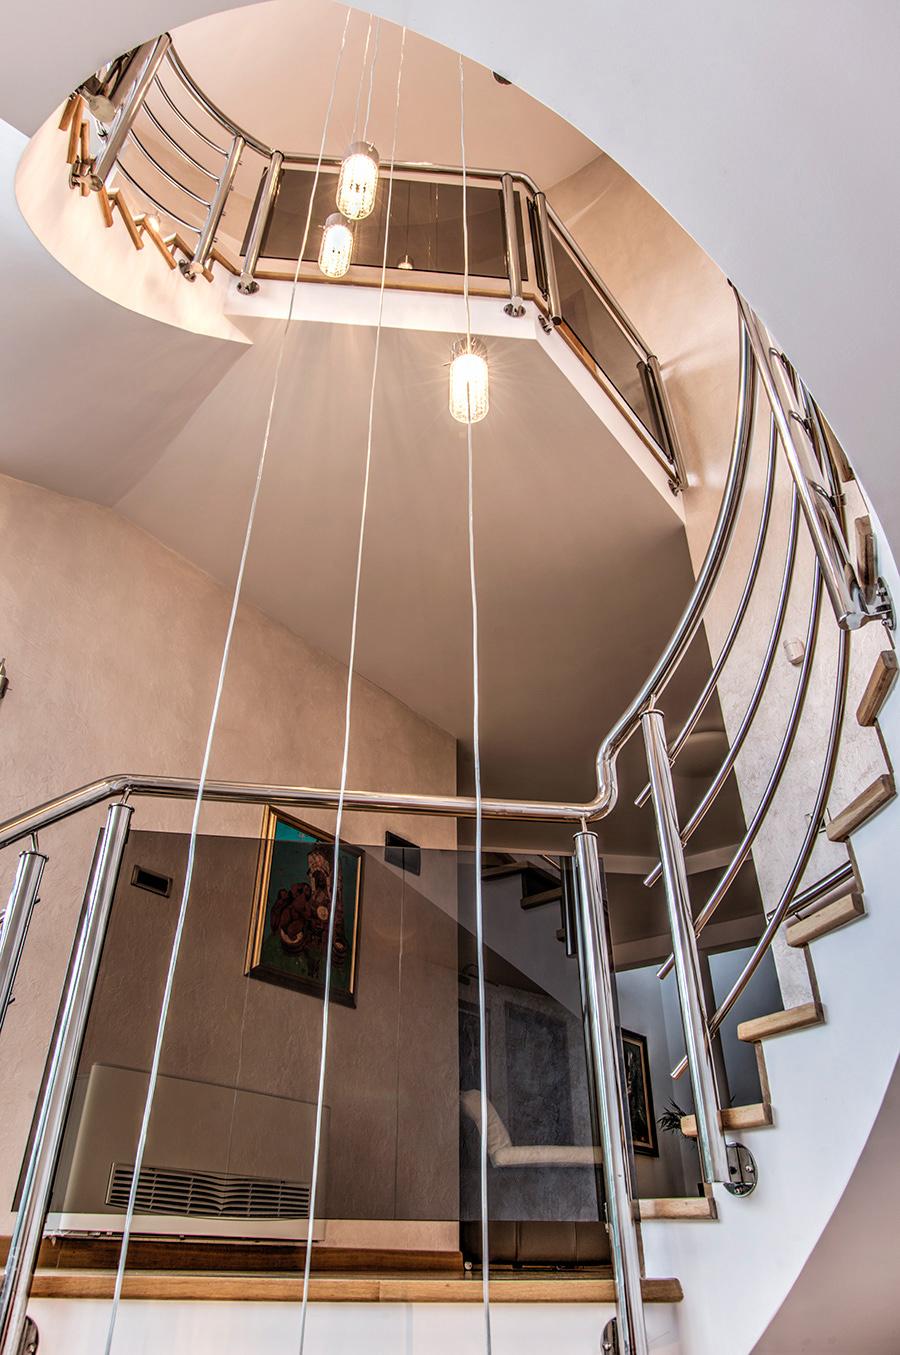 interioren-fotograf-plovdiv (2)